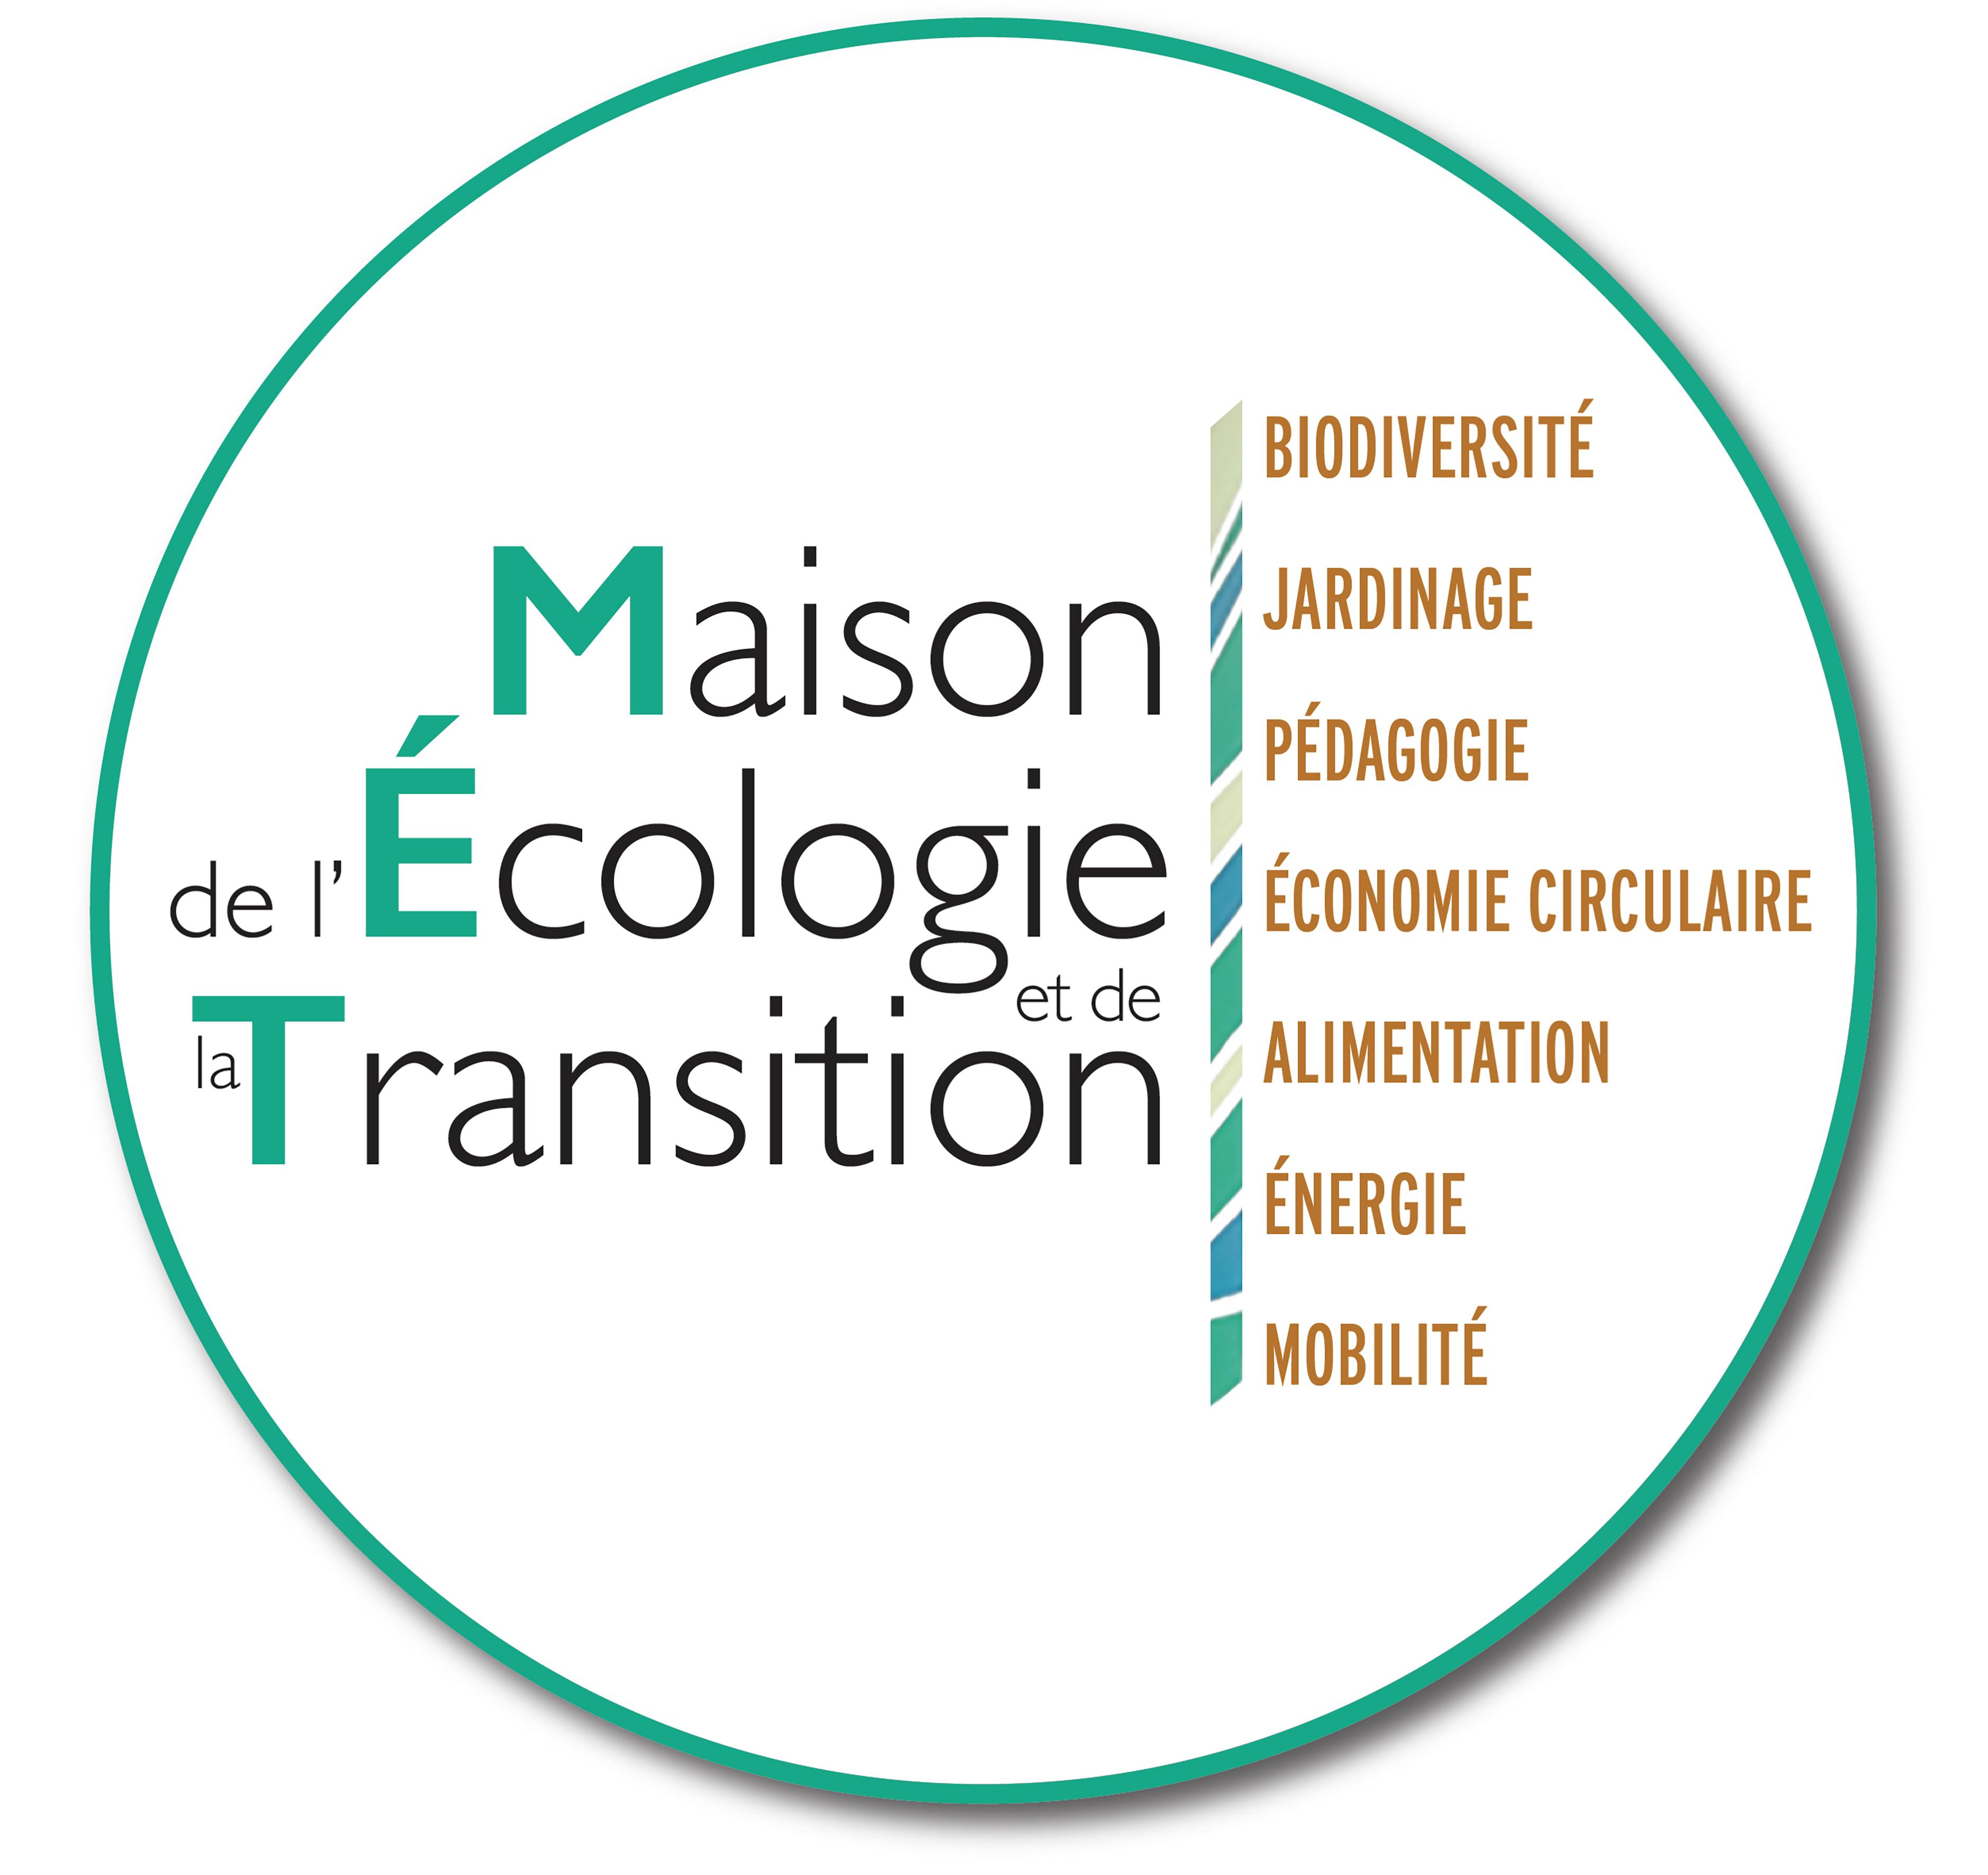 INAUGURATION DE LA MAISON DE L'ECOLOGIE ET DE LA TRANSITION